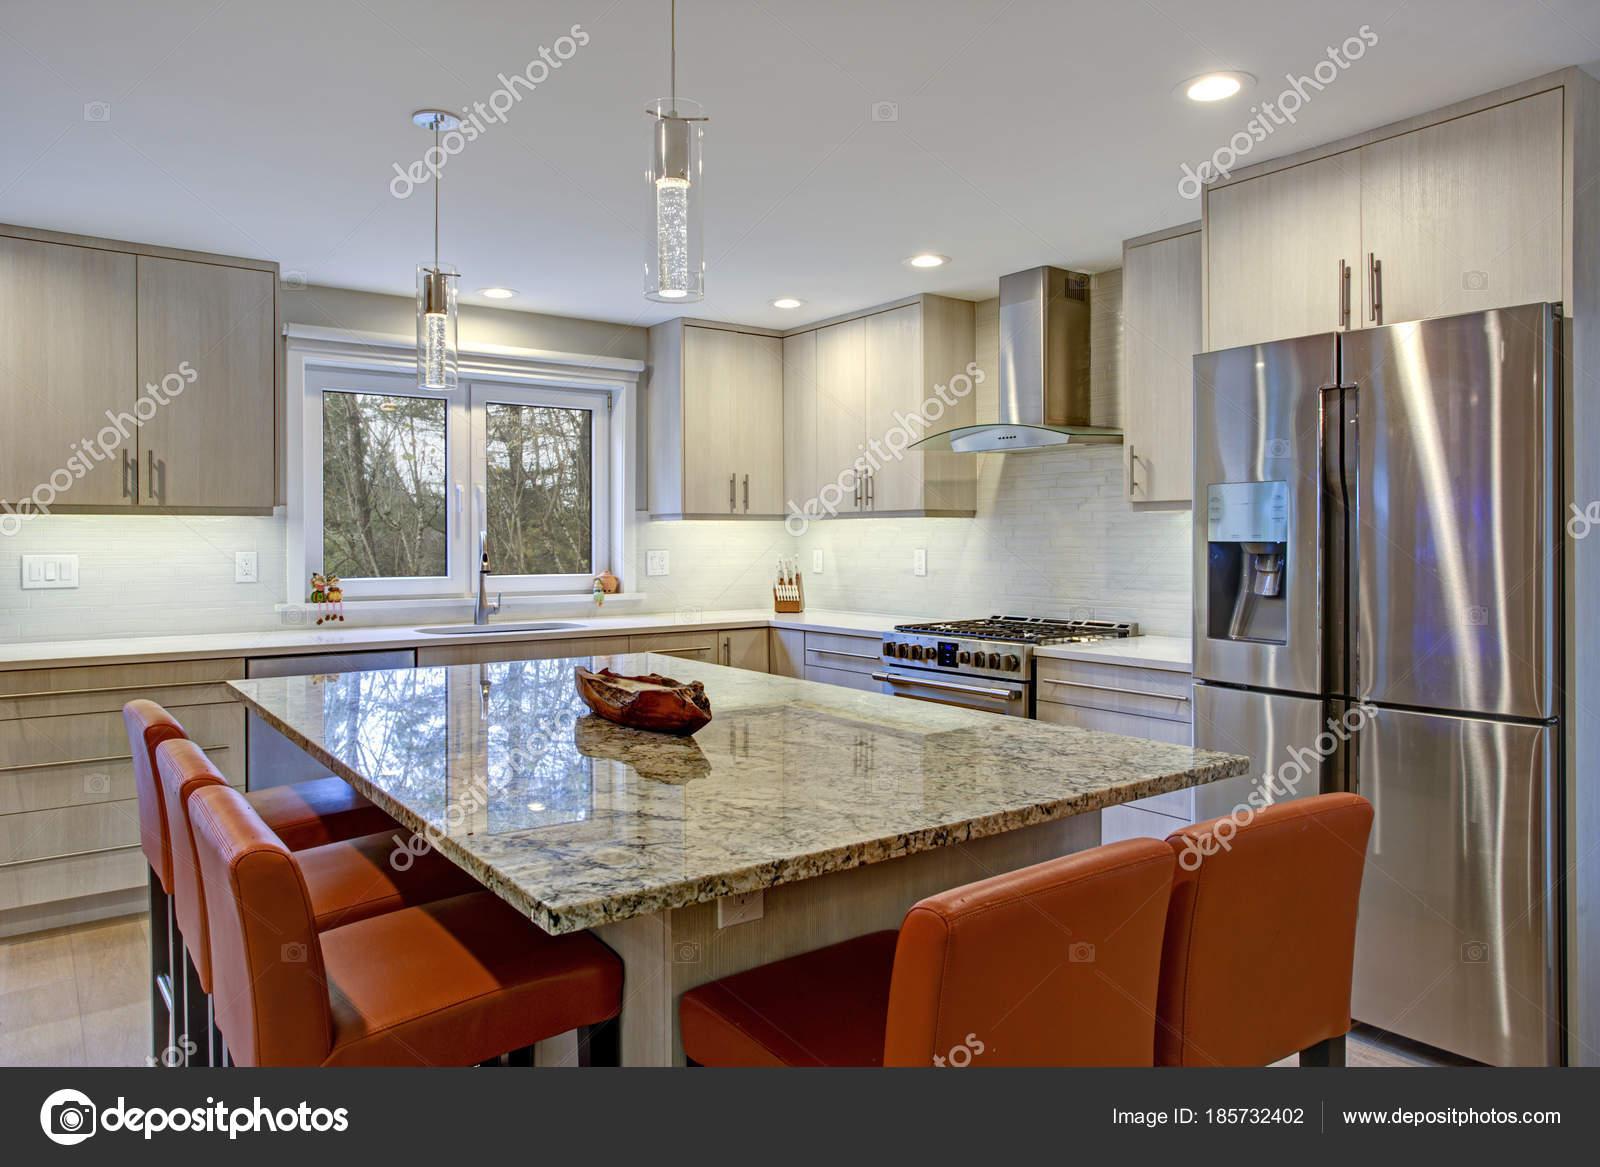 Schöne Küche mit Kochinsel — Stockfoto © alabn #185732402